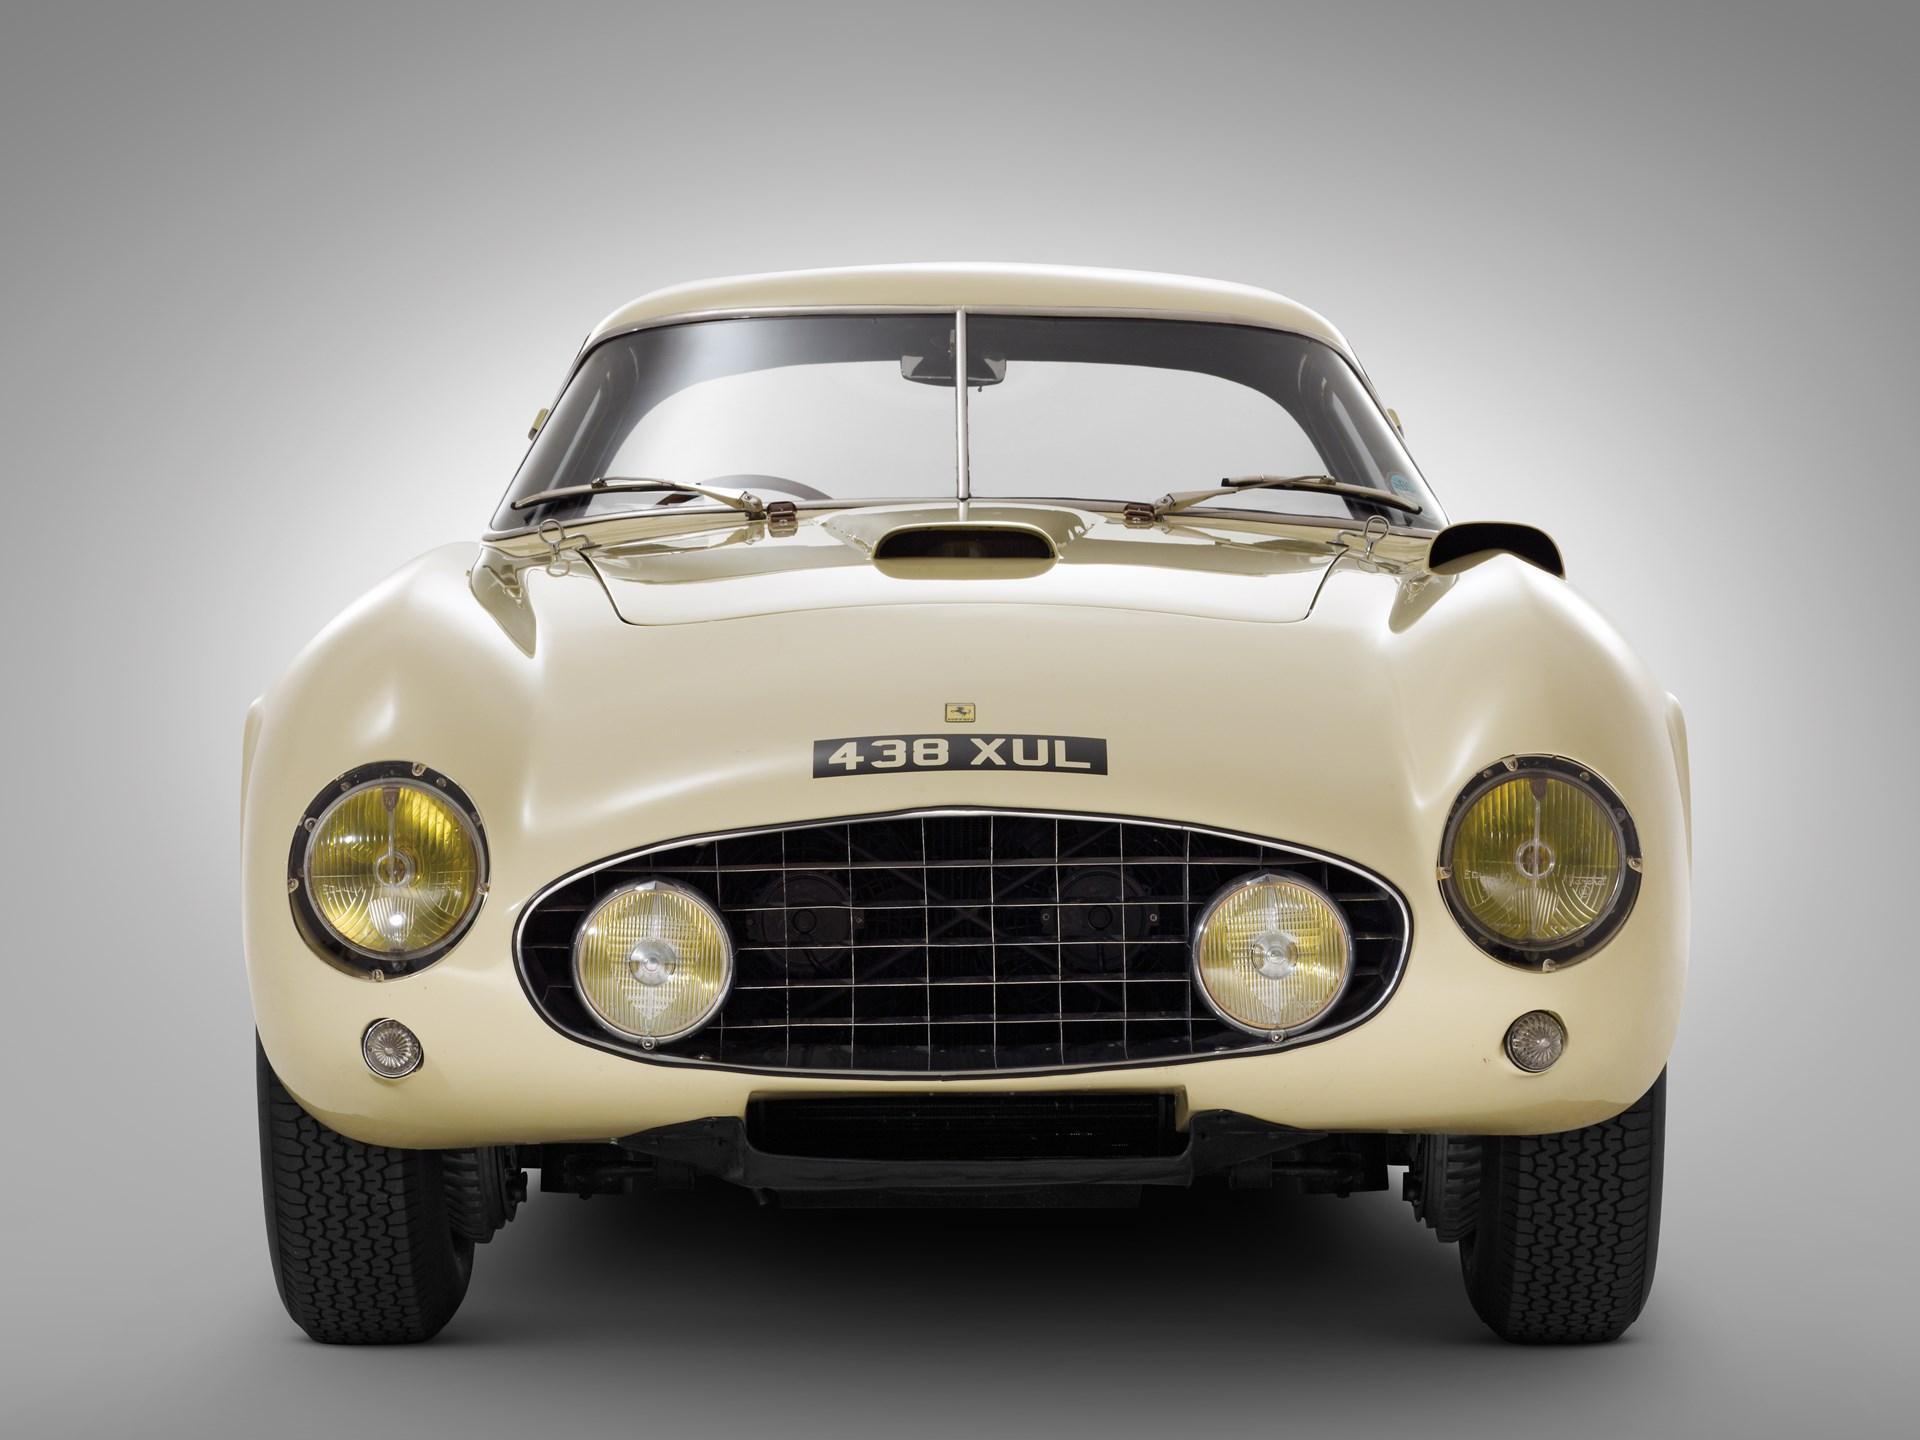 1955 Ferrari 410 S Berlinetta by Carrozzeria Scaglietti